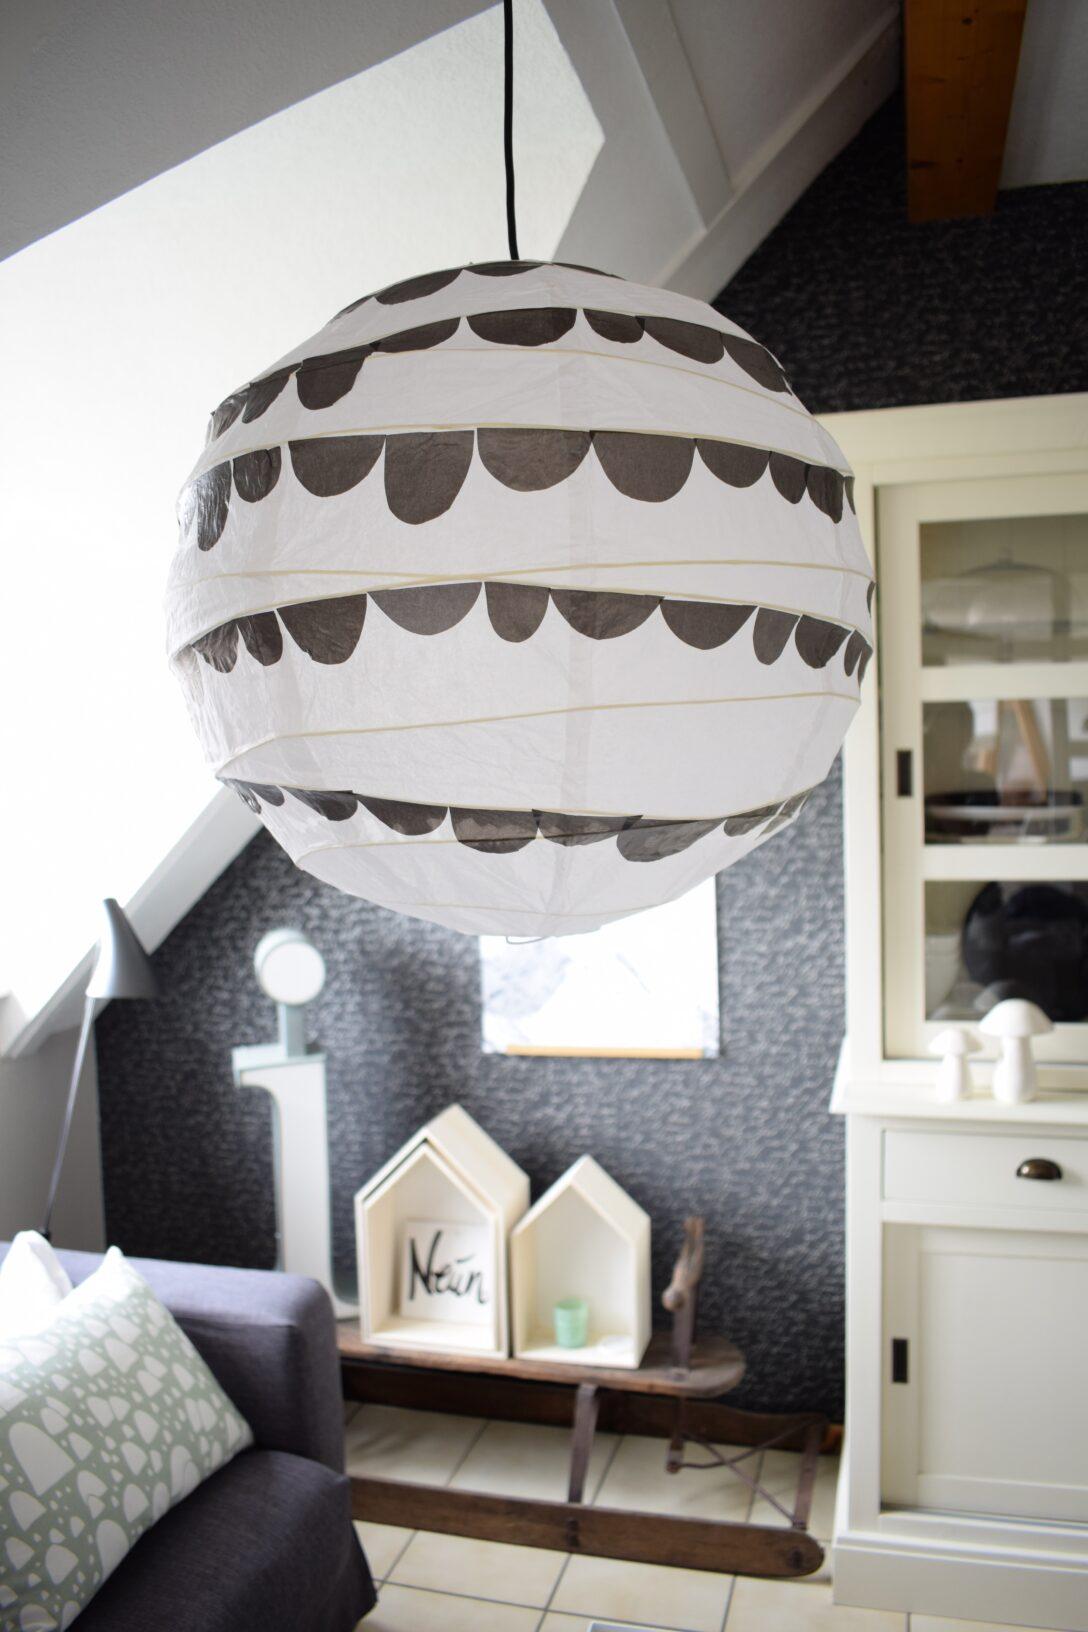 Large Size of Wohnzimmer Lampe Ikea Lampen Decke Von Leuchten Stehend Diy Eine Neue Frs Kinderzimmer Schwarz Auf Wei Küche Kosten Wohnwand Bilder Fürs Pendelleuchte Tapete Wohnzimmer Wohnzimmer Lampe Ikea